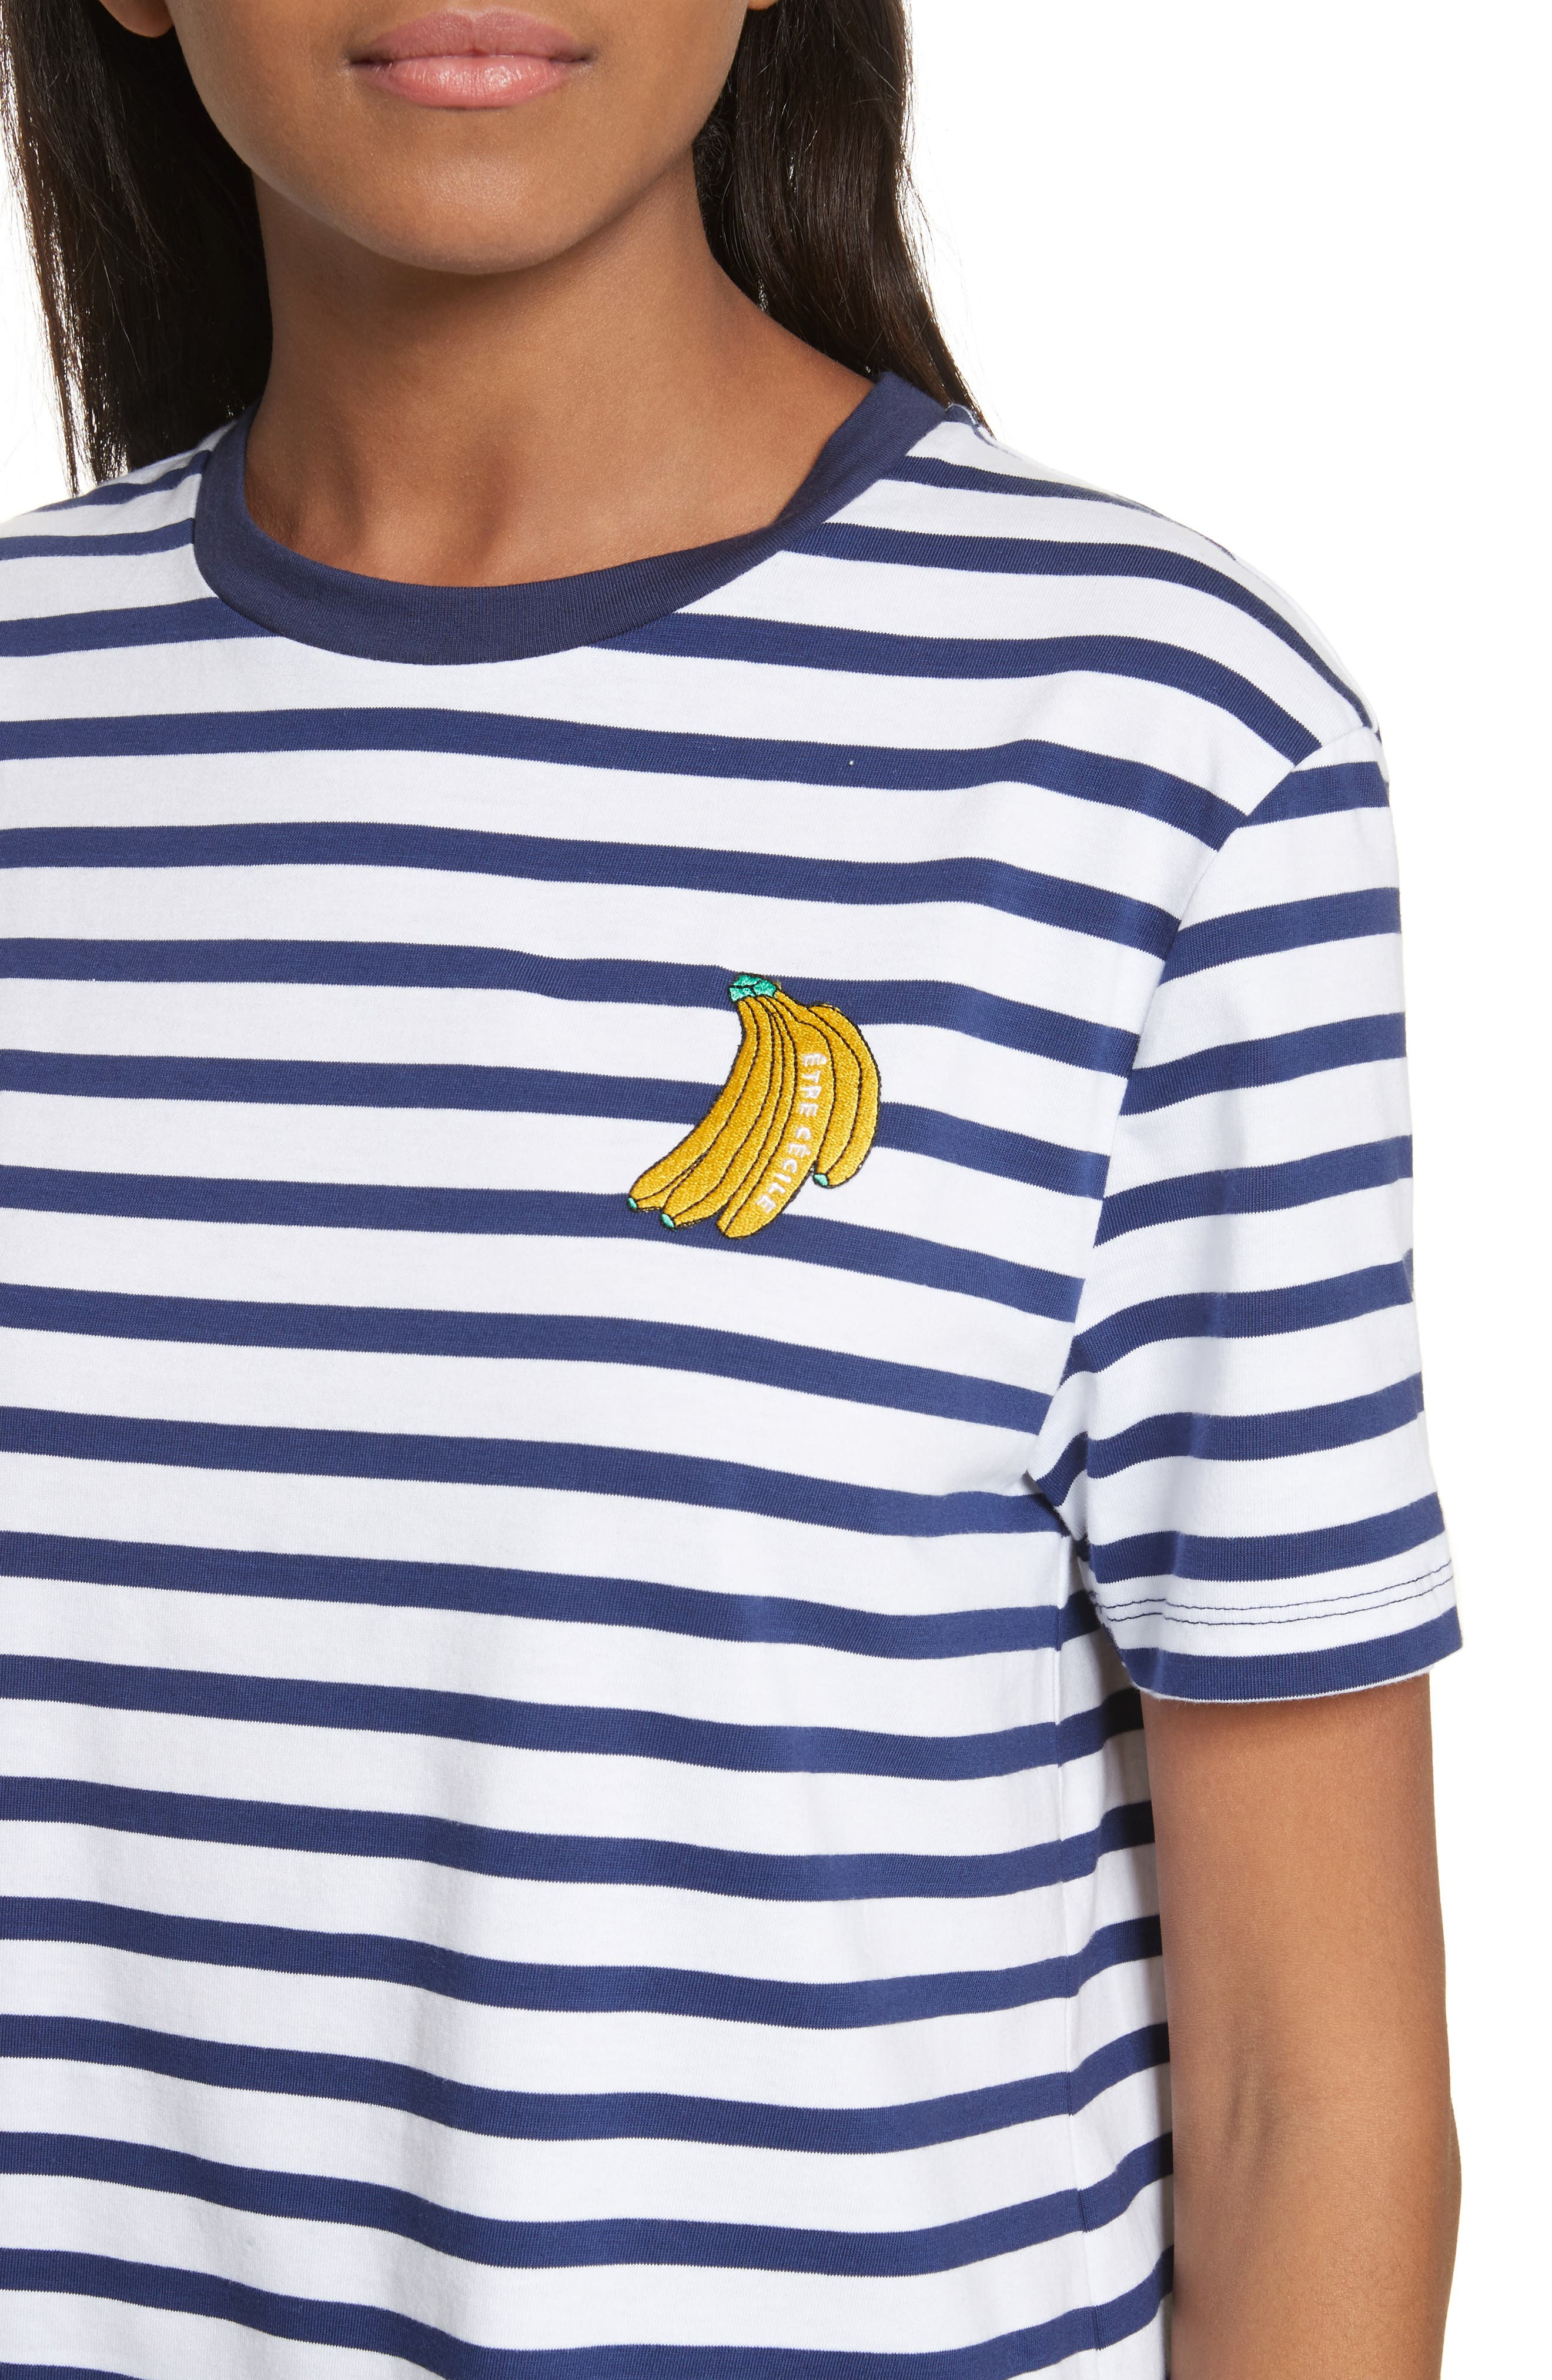 être cécile Bananas Tee,                             Alternate thumbnail 4, color,                             Marine Breton